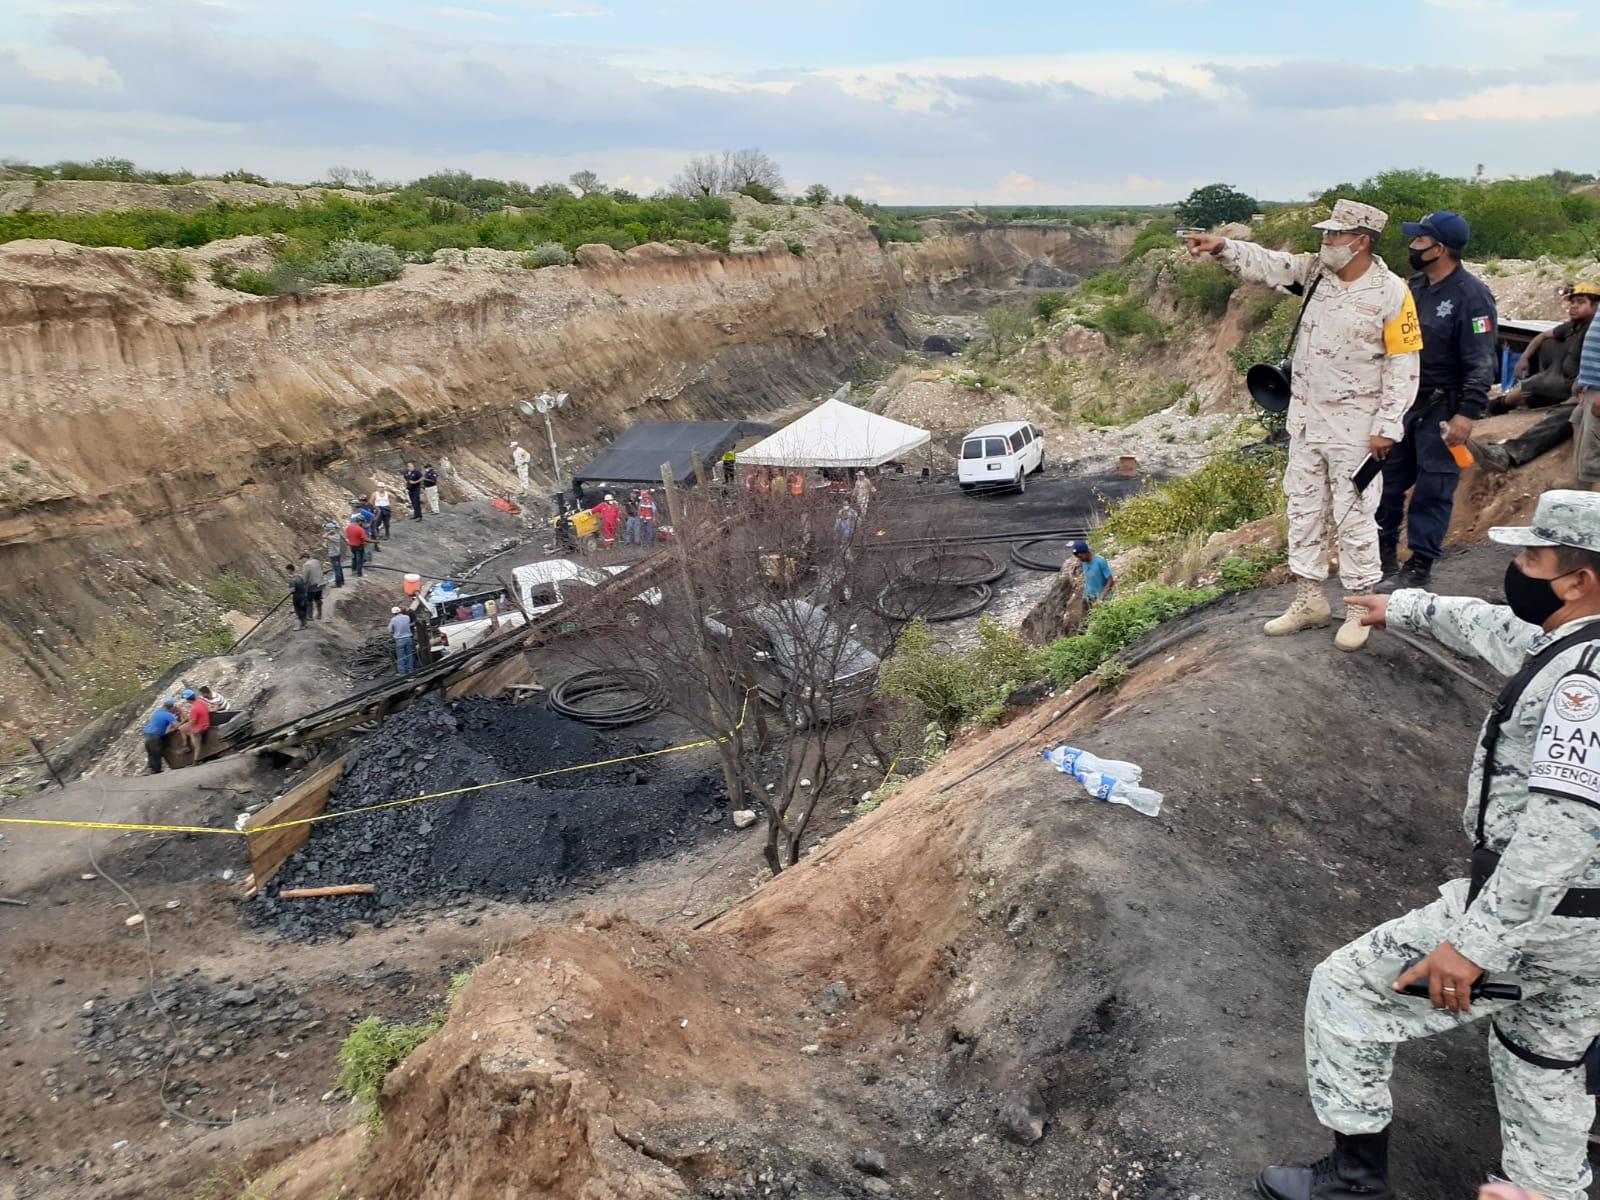 Hay esperanza para salvar a siete mineros atrapados en Coahuila